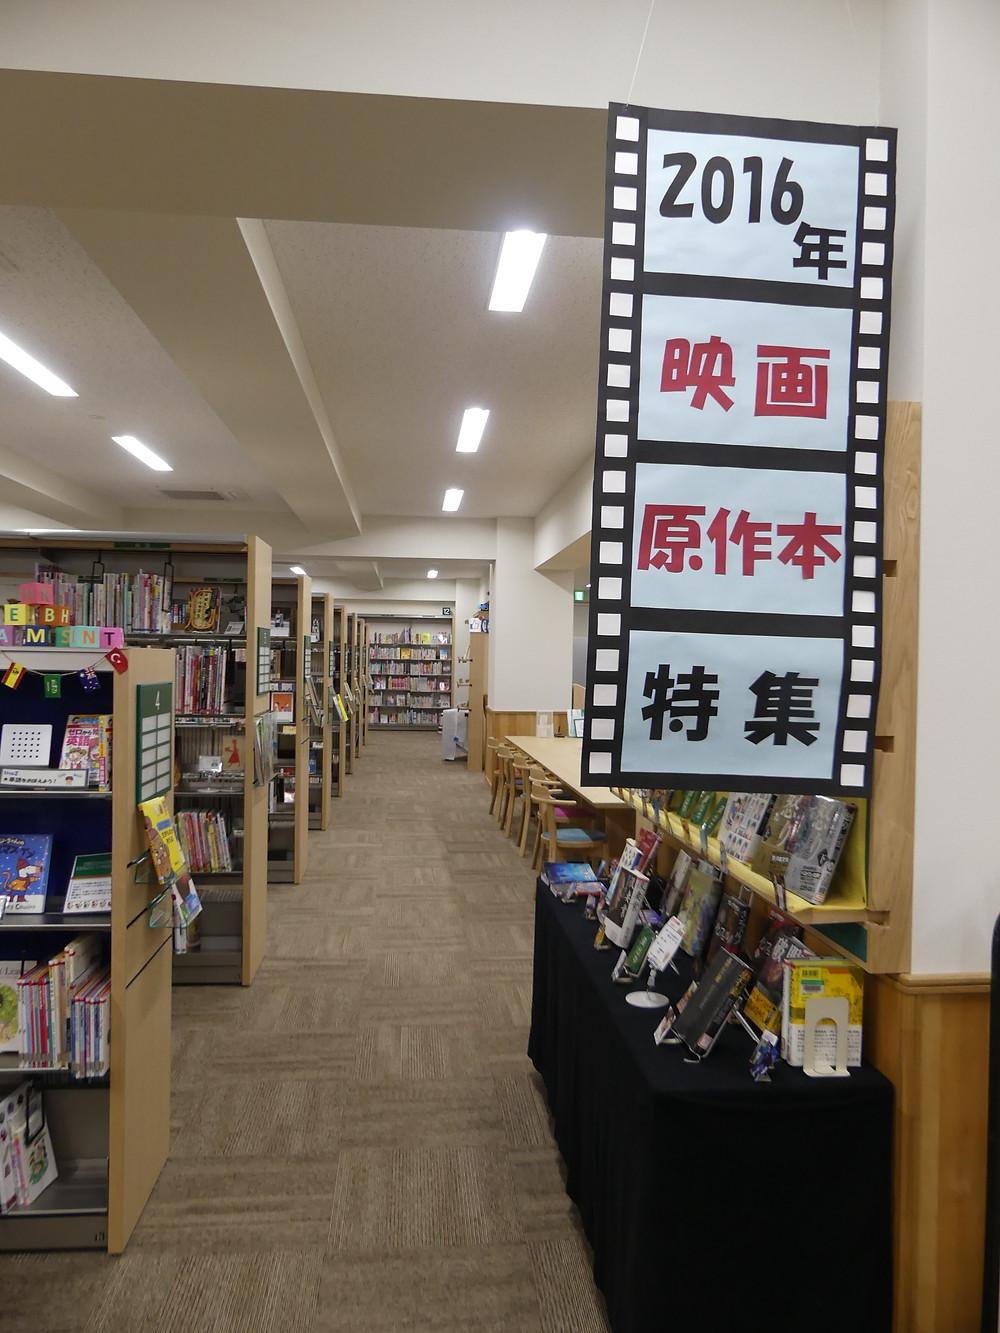 2016年映画原作本特集